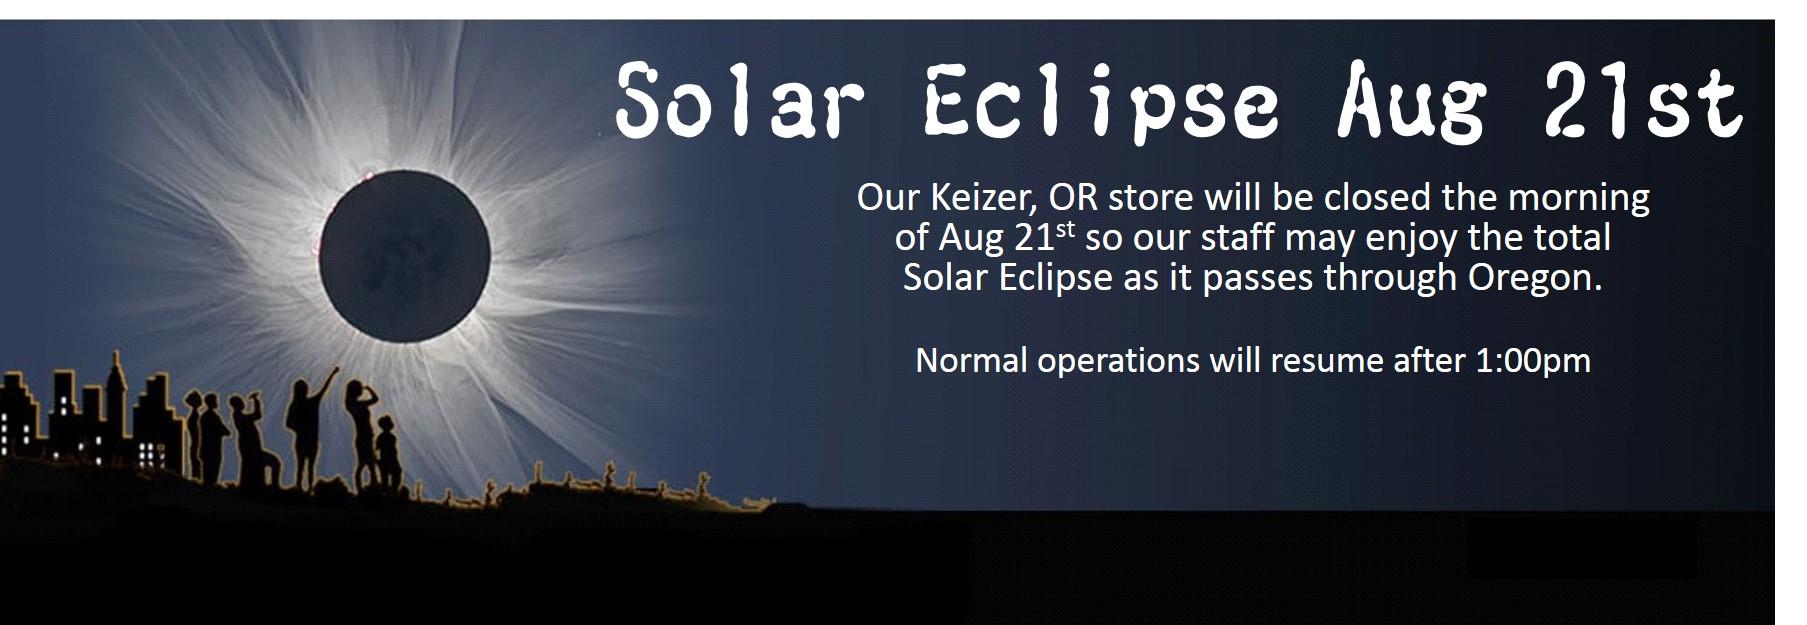 Eclipse2017WebBanner2233642.jpg